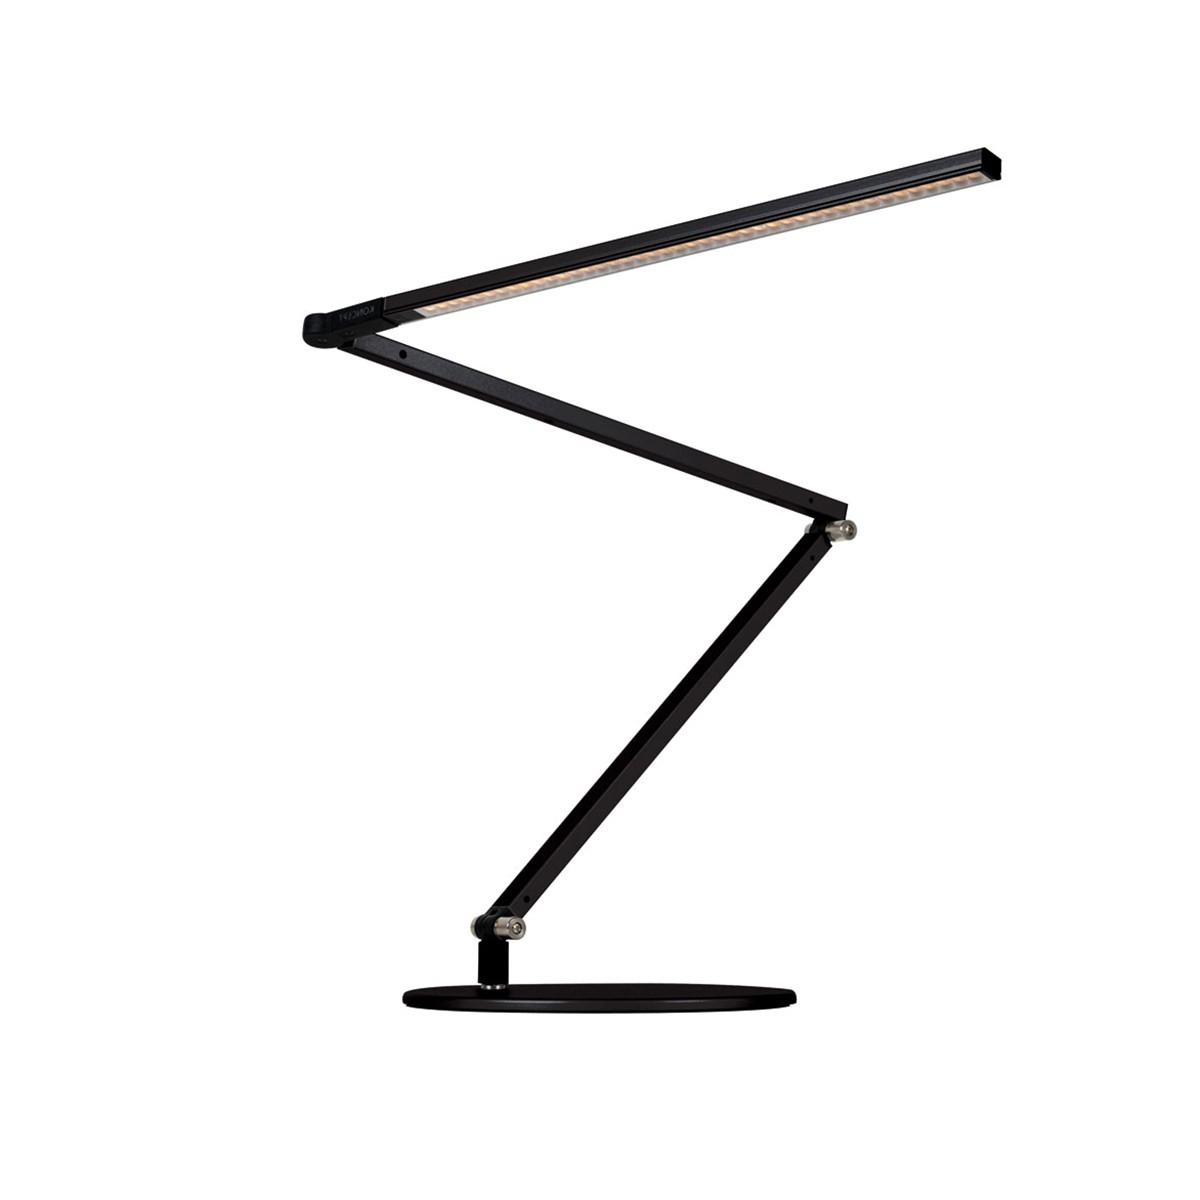 BellXpress Z-Bar Tischleuchte, schwarz, mit Präsenzmelder